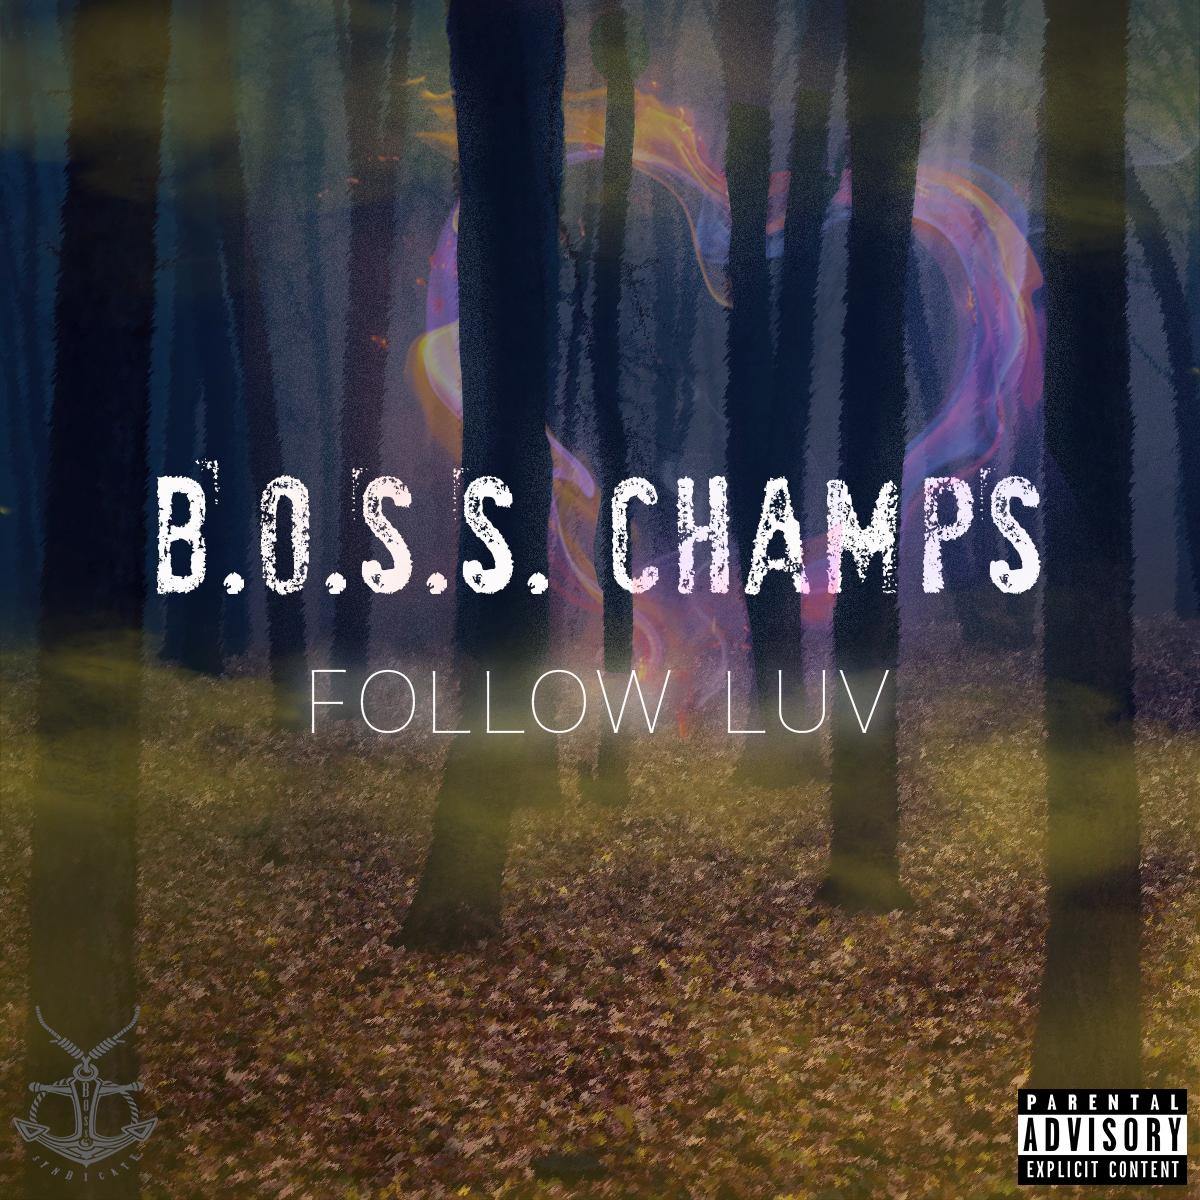 New Music: Boss Champs – Follow Love | @bosschampsent